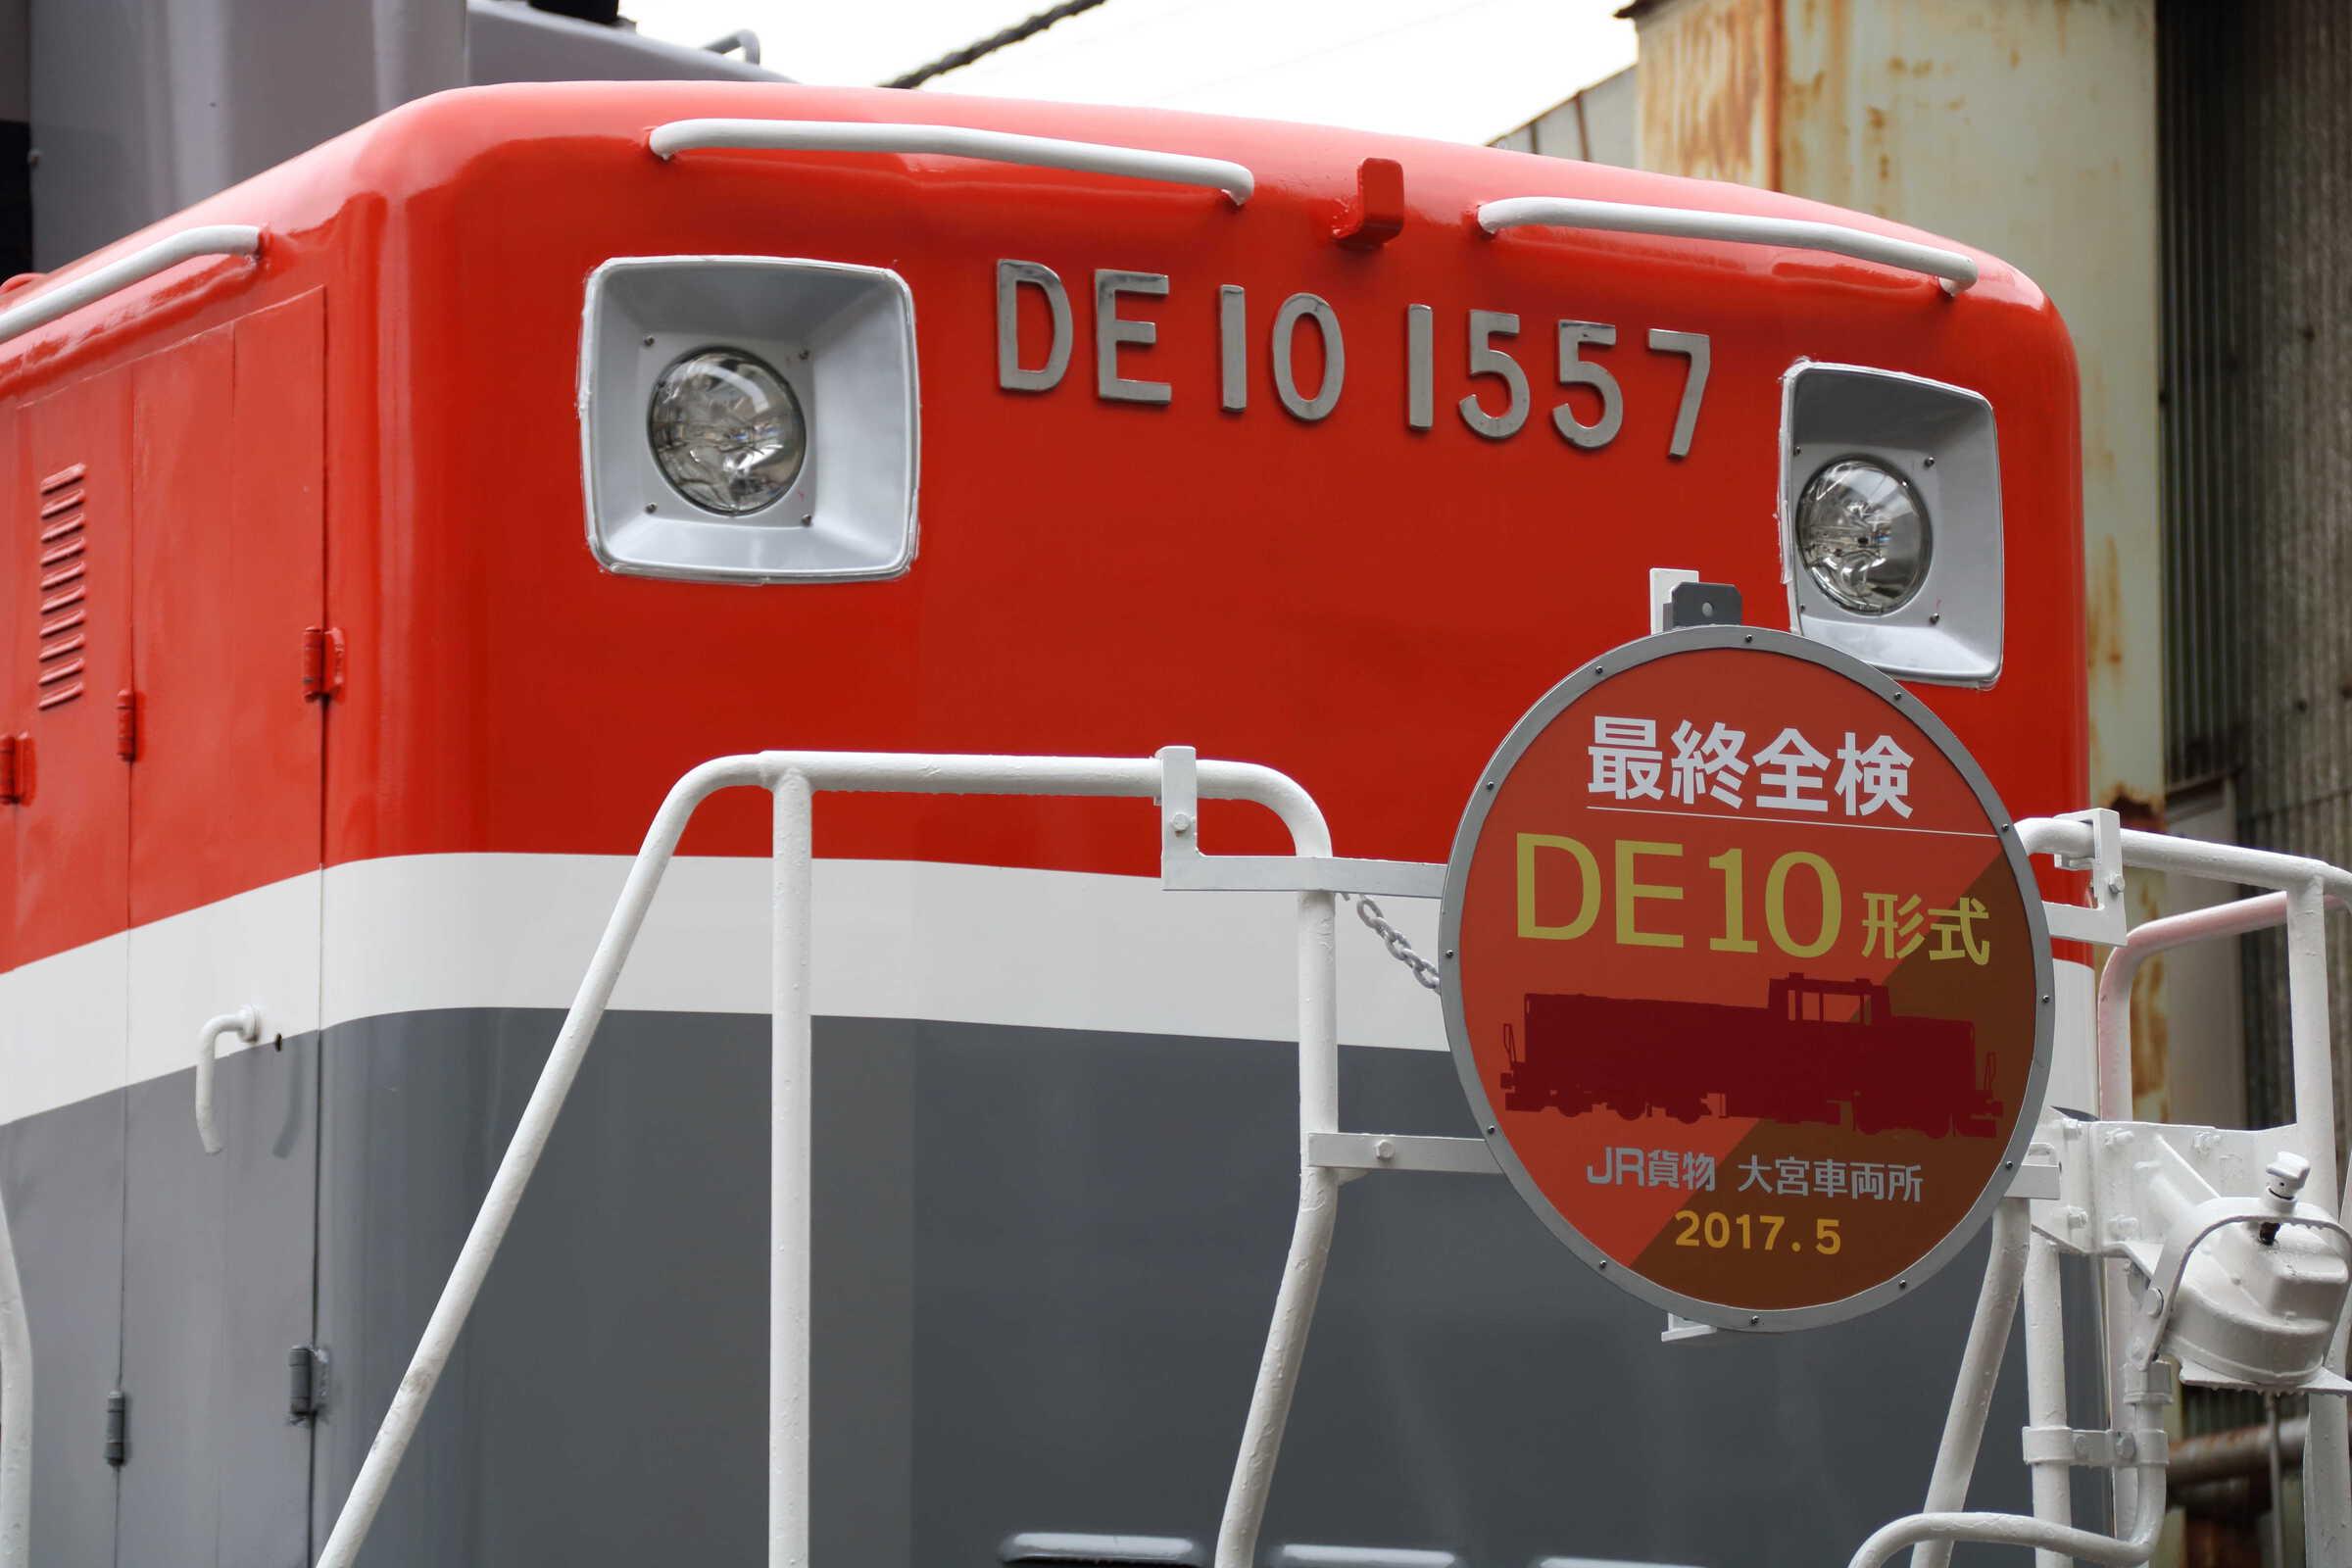 DE10-1557[愛]